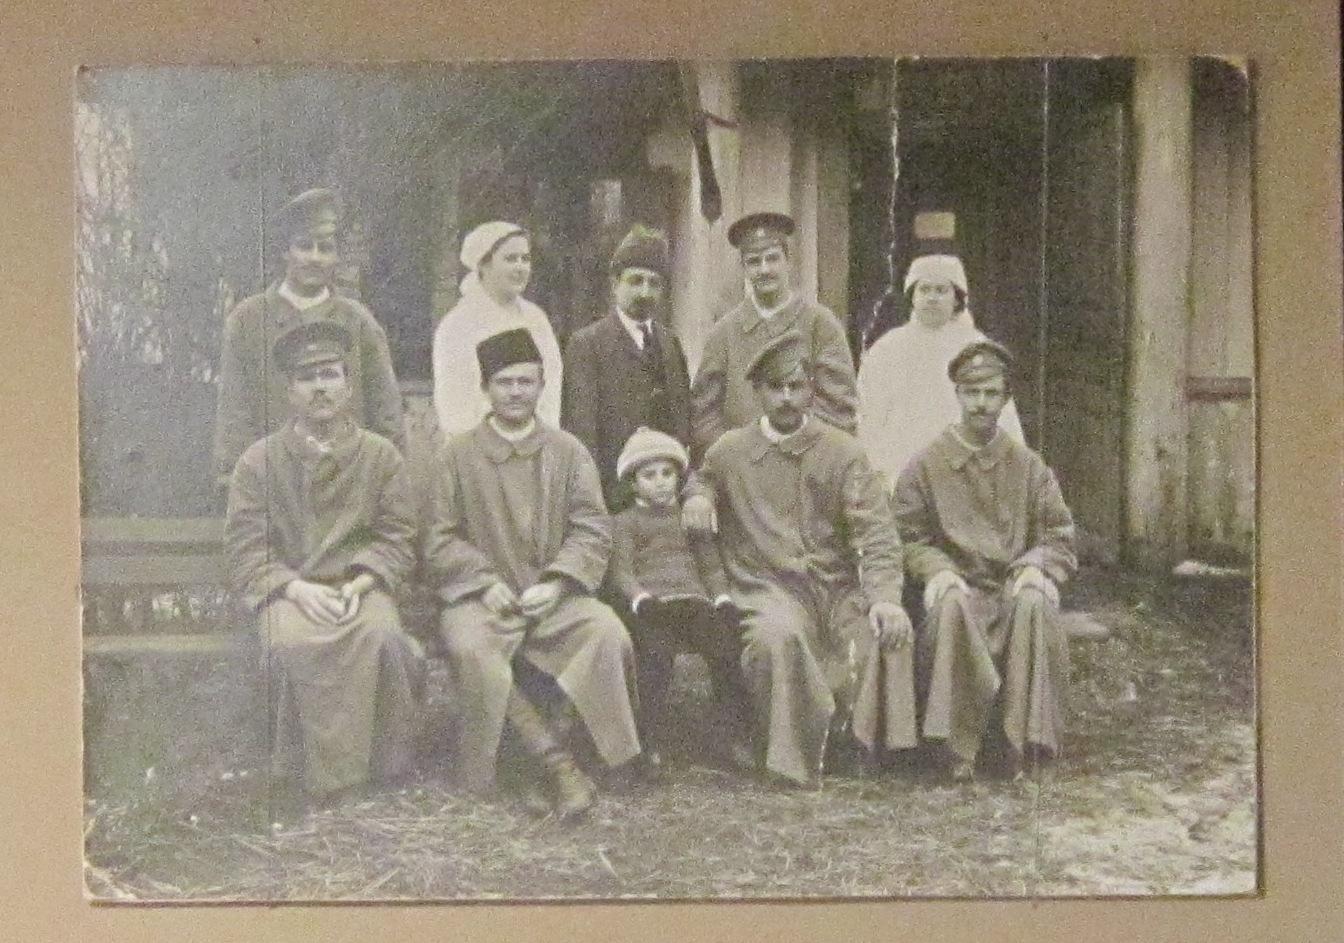 Семья Чахирьян среди раненых в своём лазарете. Город Нахичевань-на-Дону.